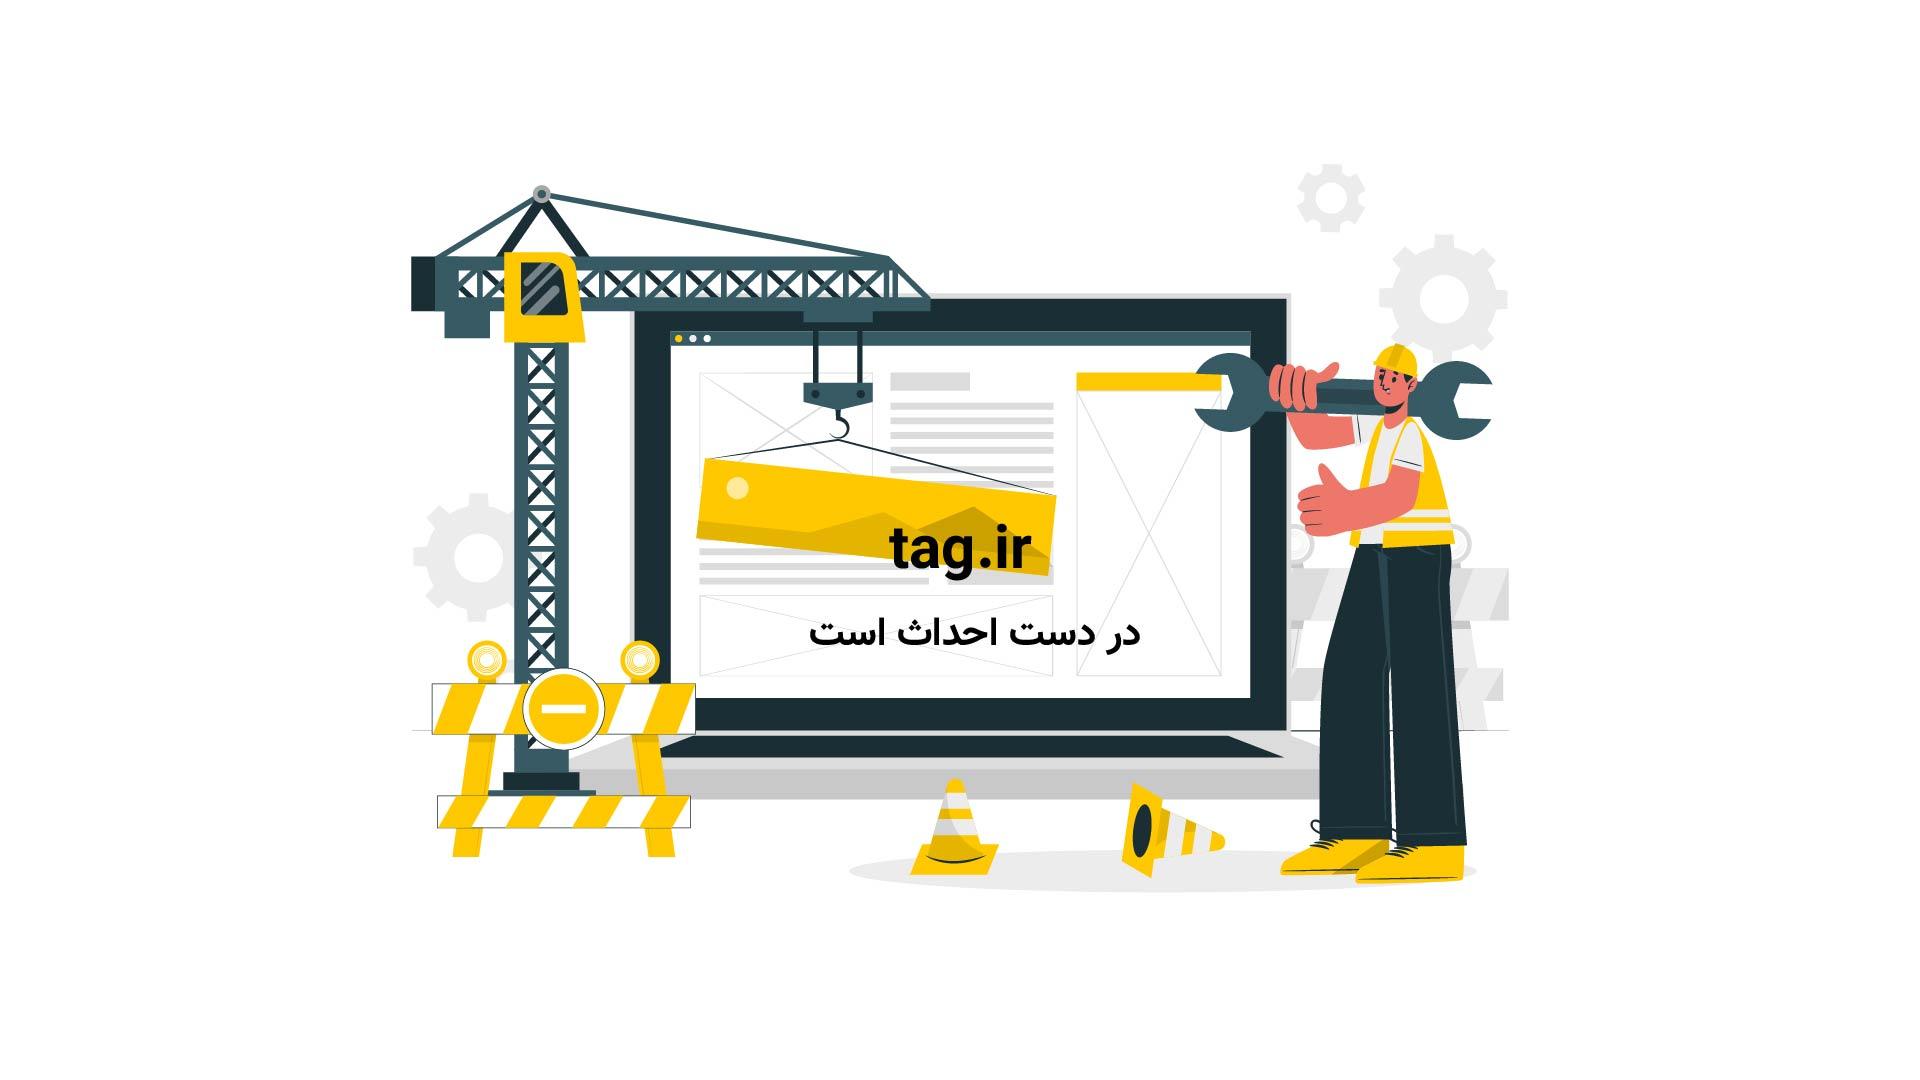 لبخند گلریز | تگ